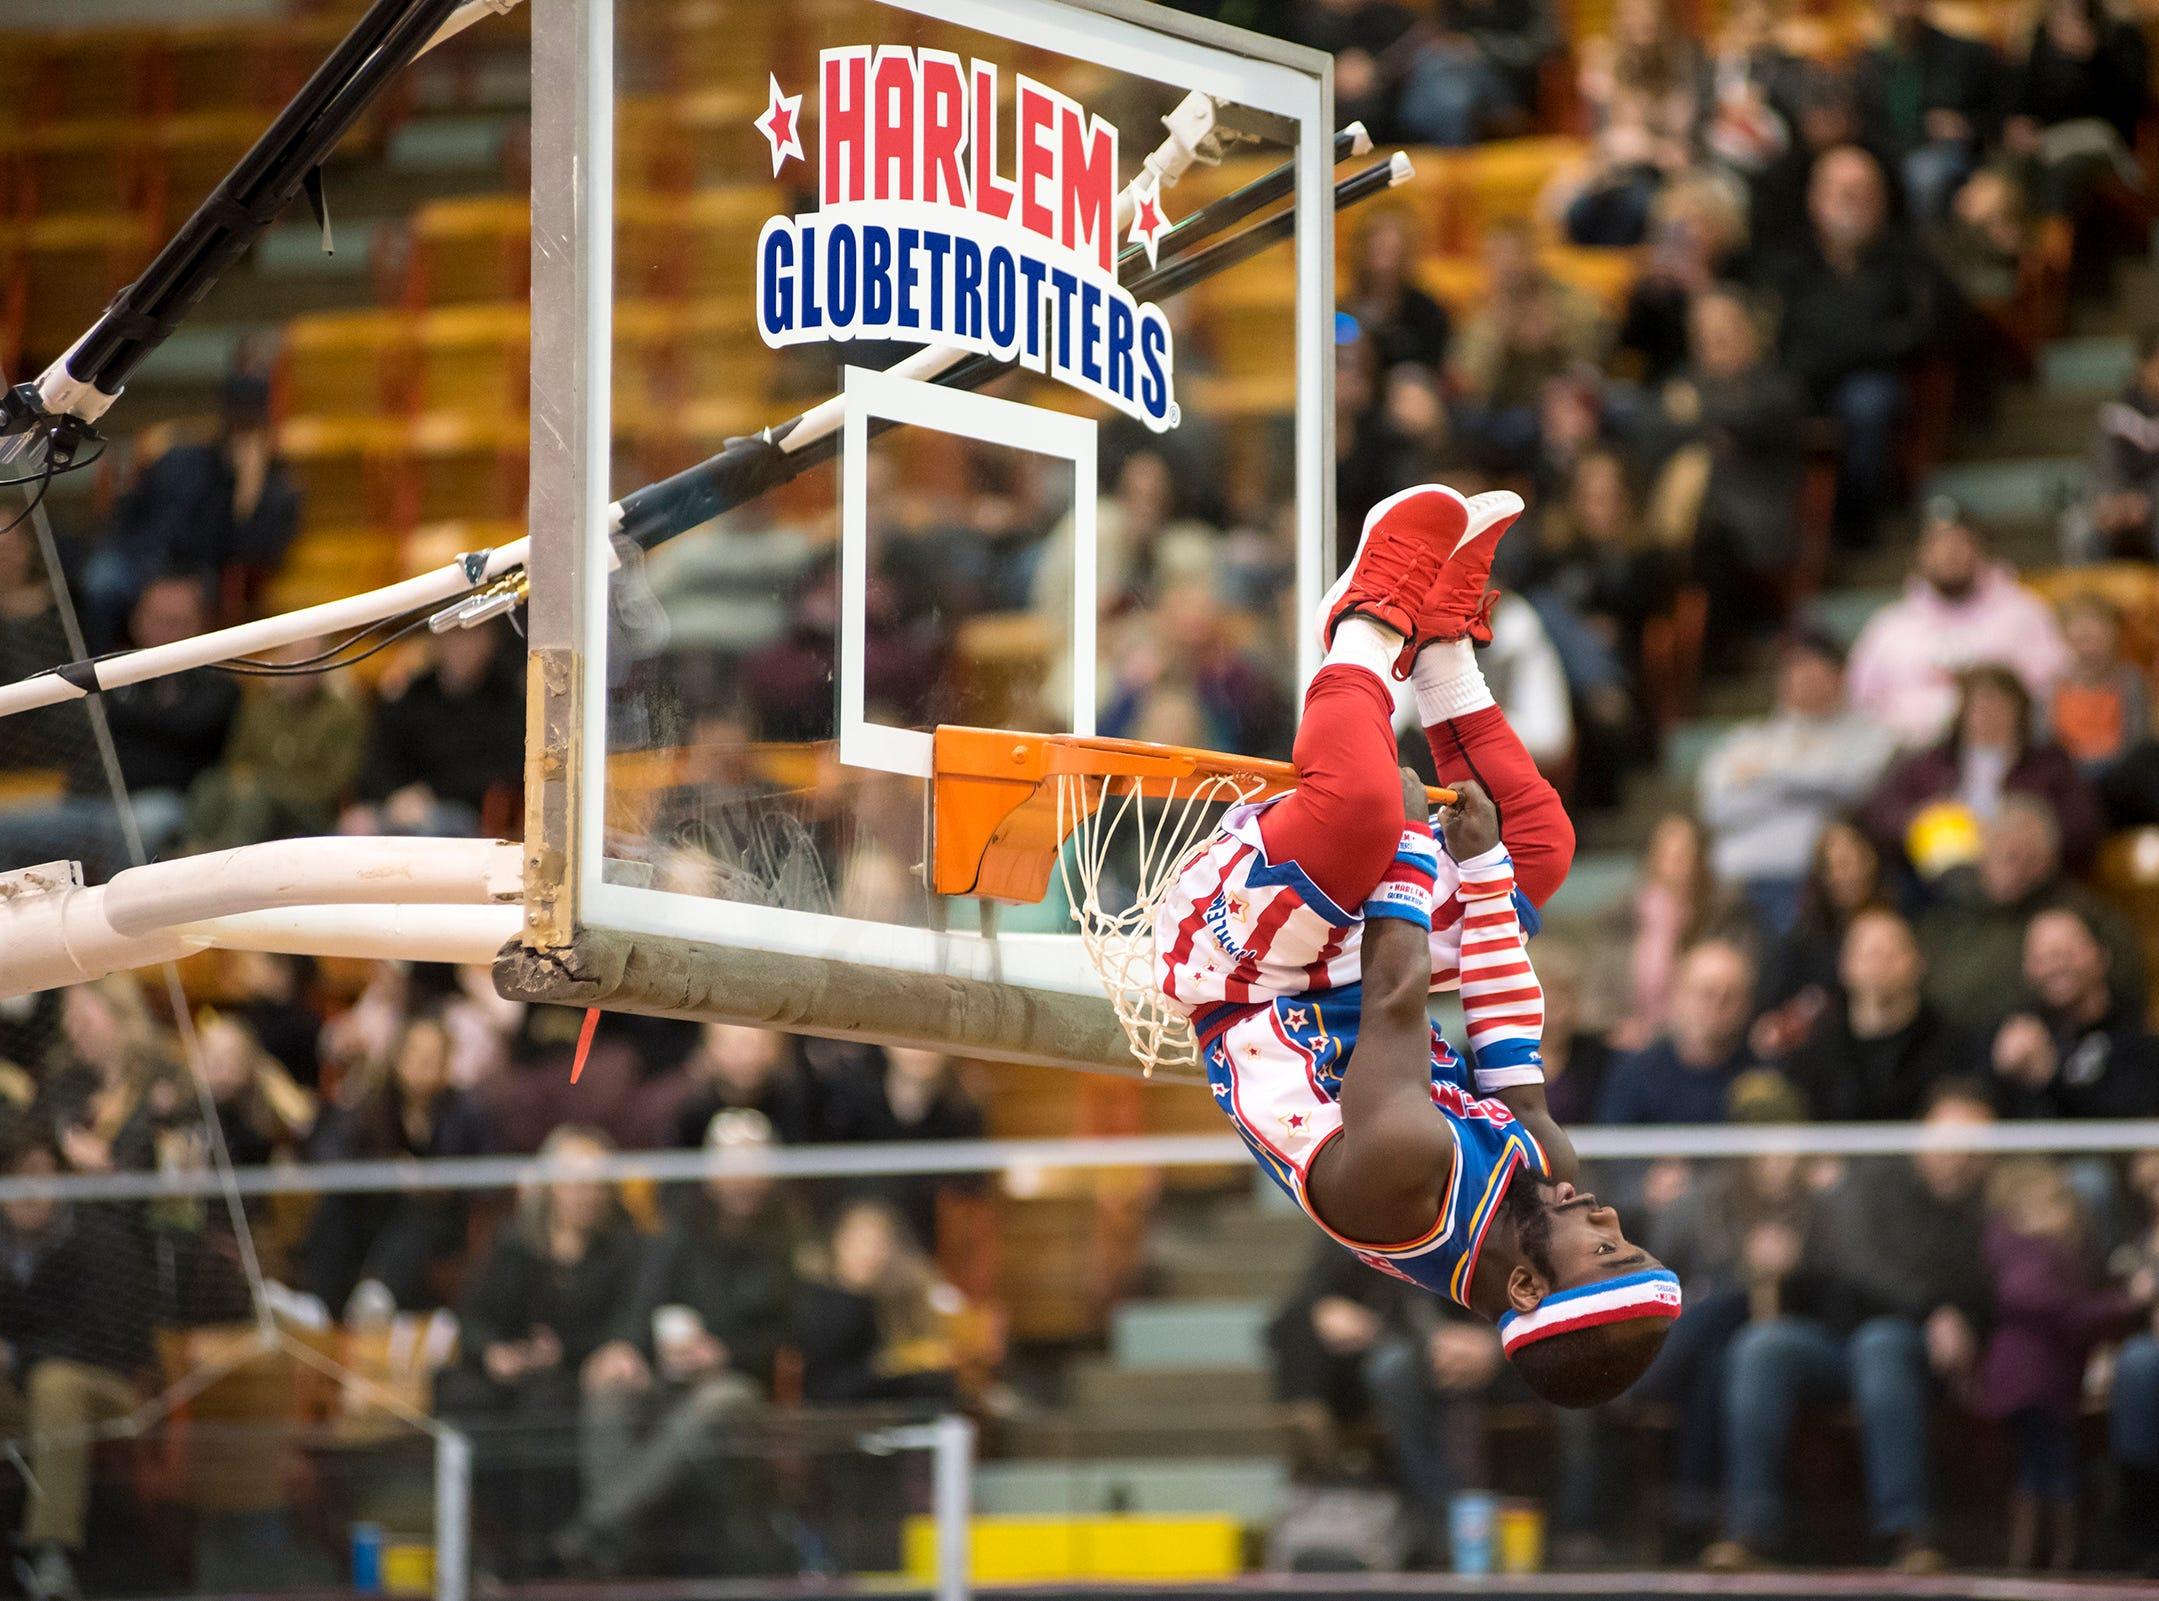 Harlem Globetrotters guard Hot Shot hangs off the hoop  Saturday, Feb. 2, 2019 at McMorran Arena in Port Huron.